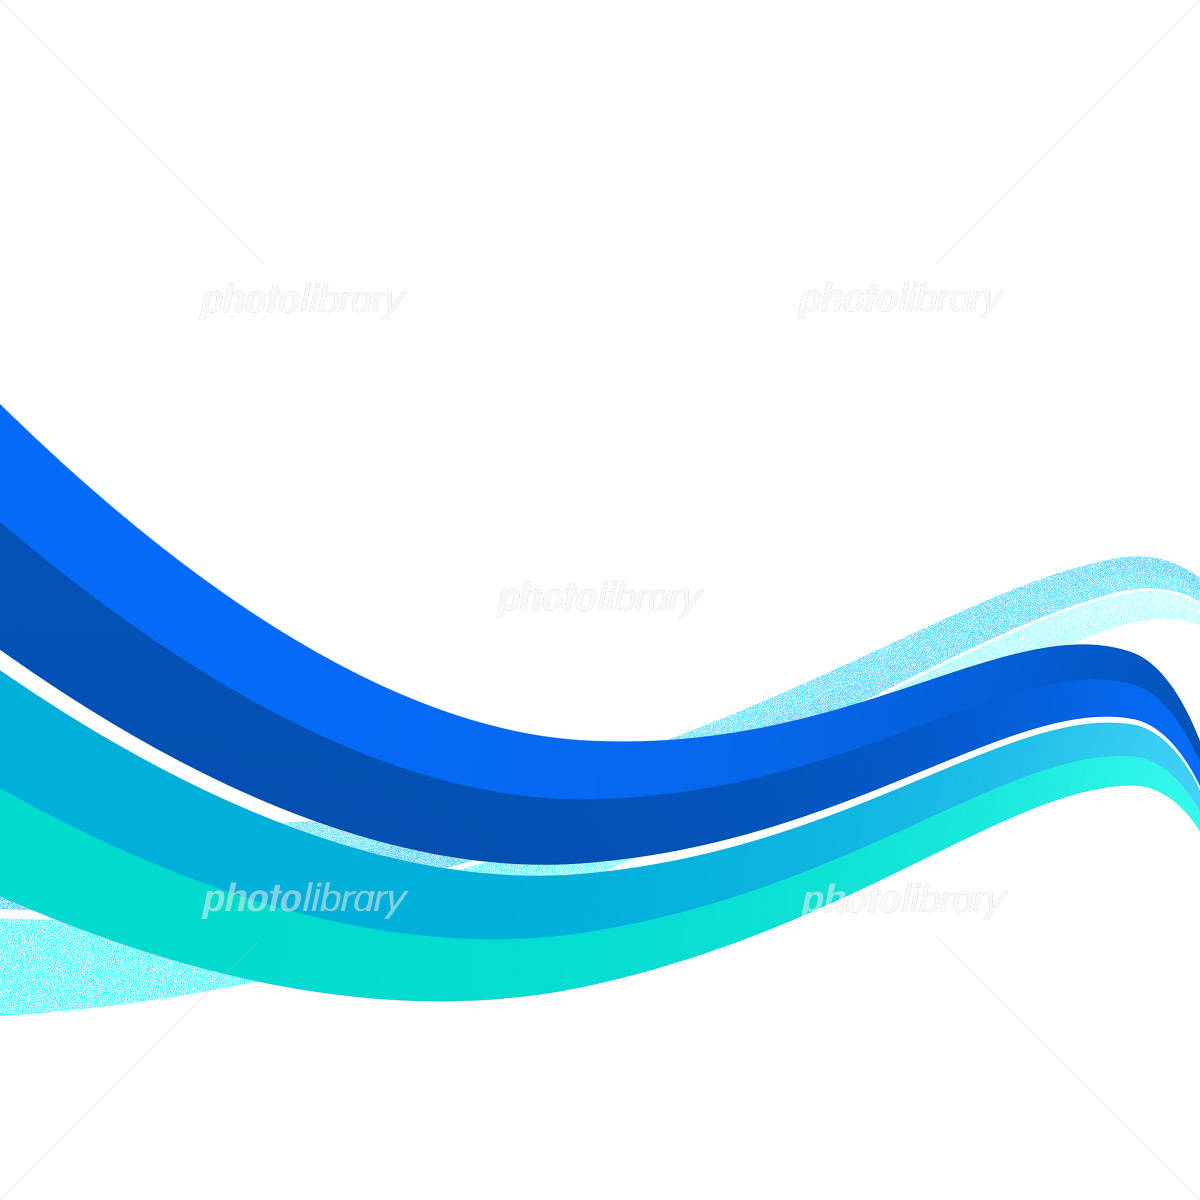 青い波 曲線模様 曲線のイラスト